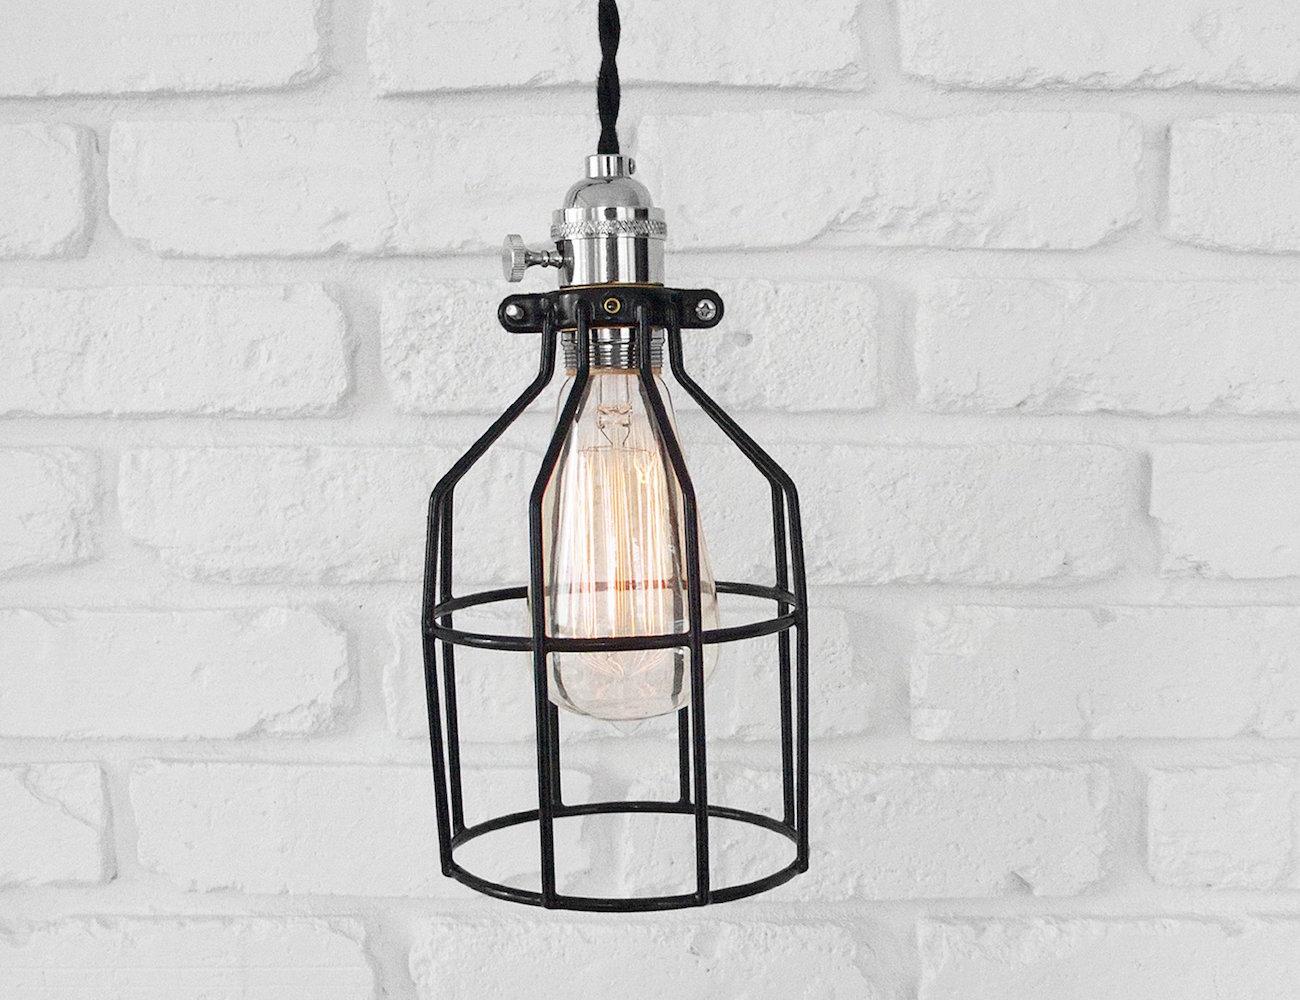 The Mercer Lamp